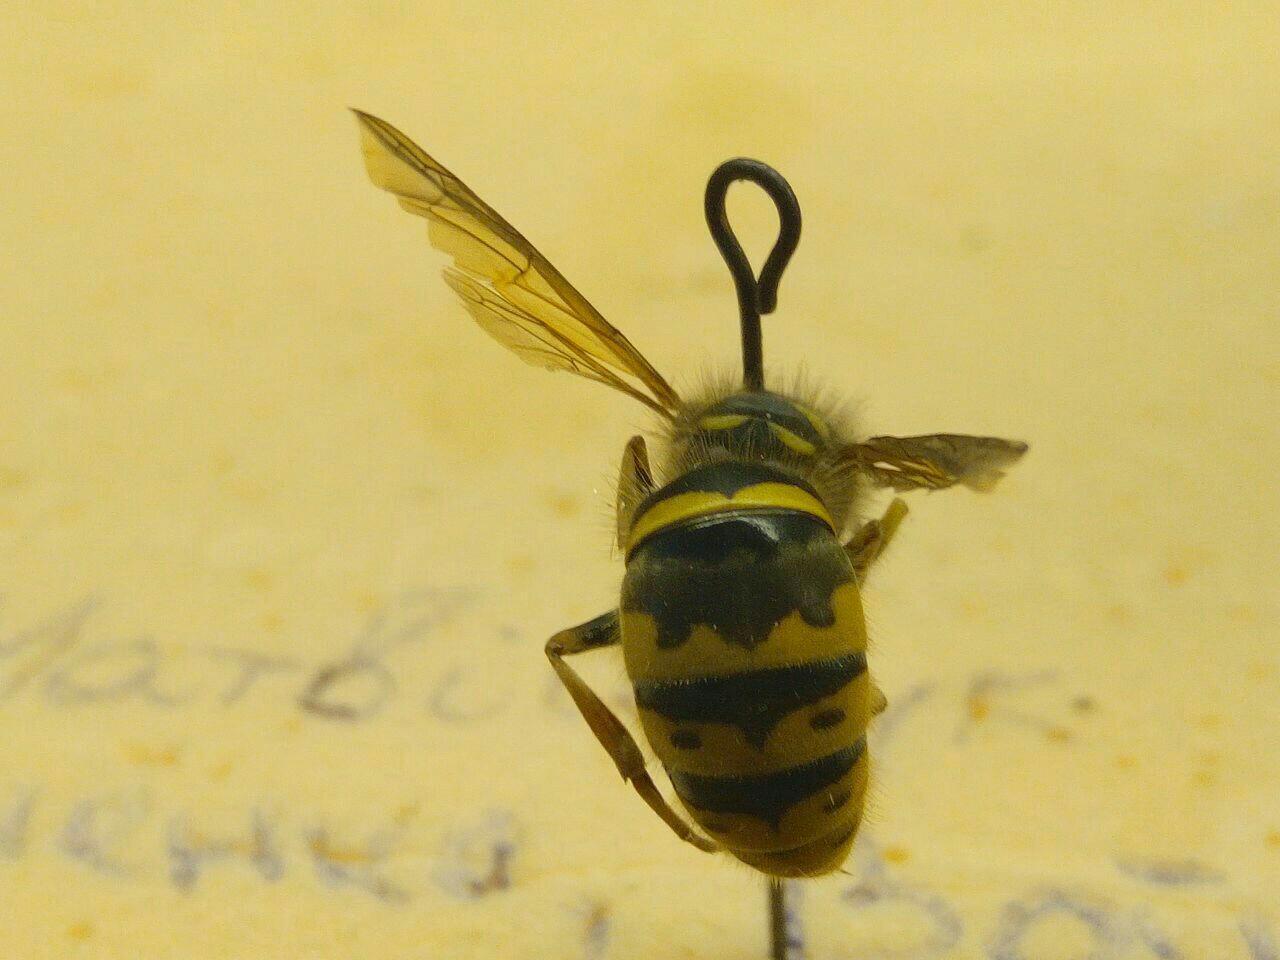 Название пчелы, (если это пчела)